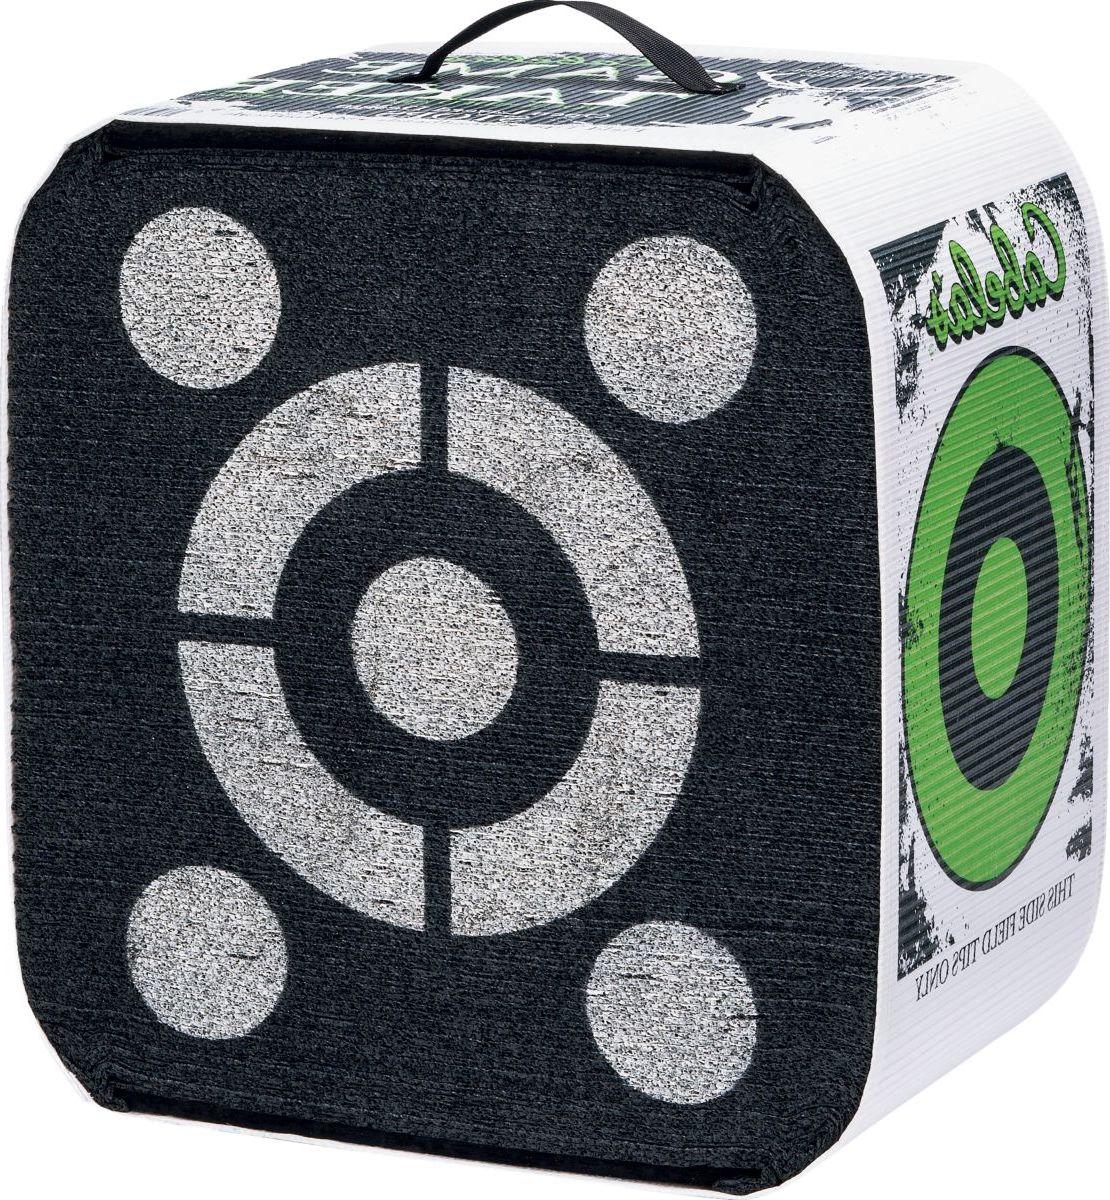 Cabela's Game Taker Target